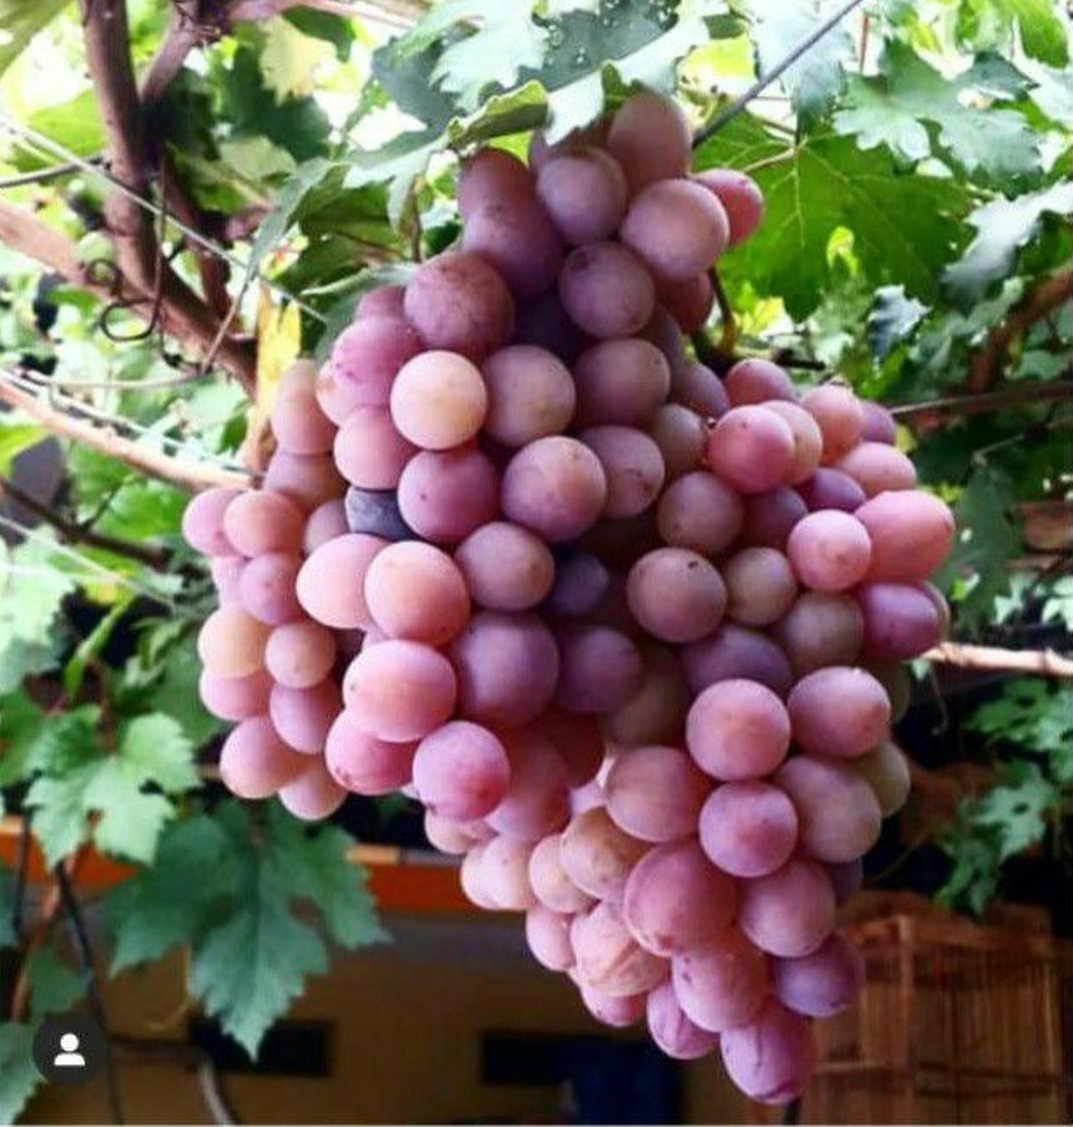 Bisa Borong! Bibit Tanaman Buah Anggur Import Ninel Bibit Anggur Impor Bibit Anggur Ninel Bibit anggur Grafting Kota Malang #bibit buah